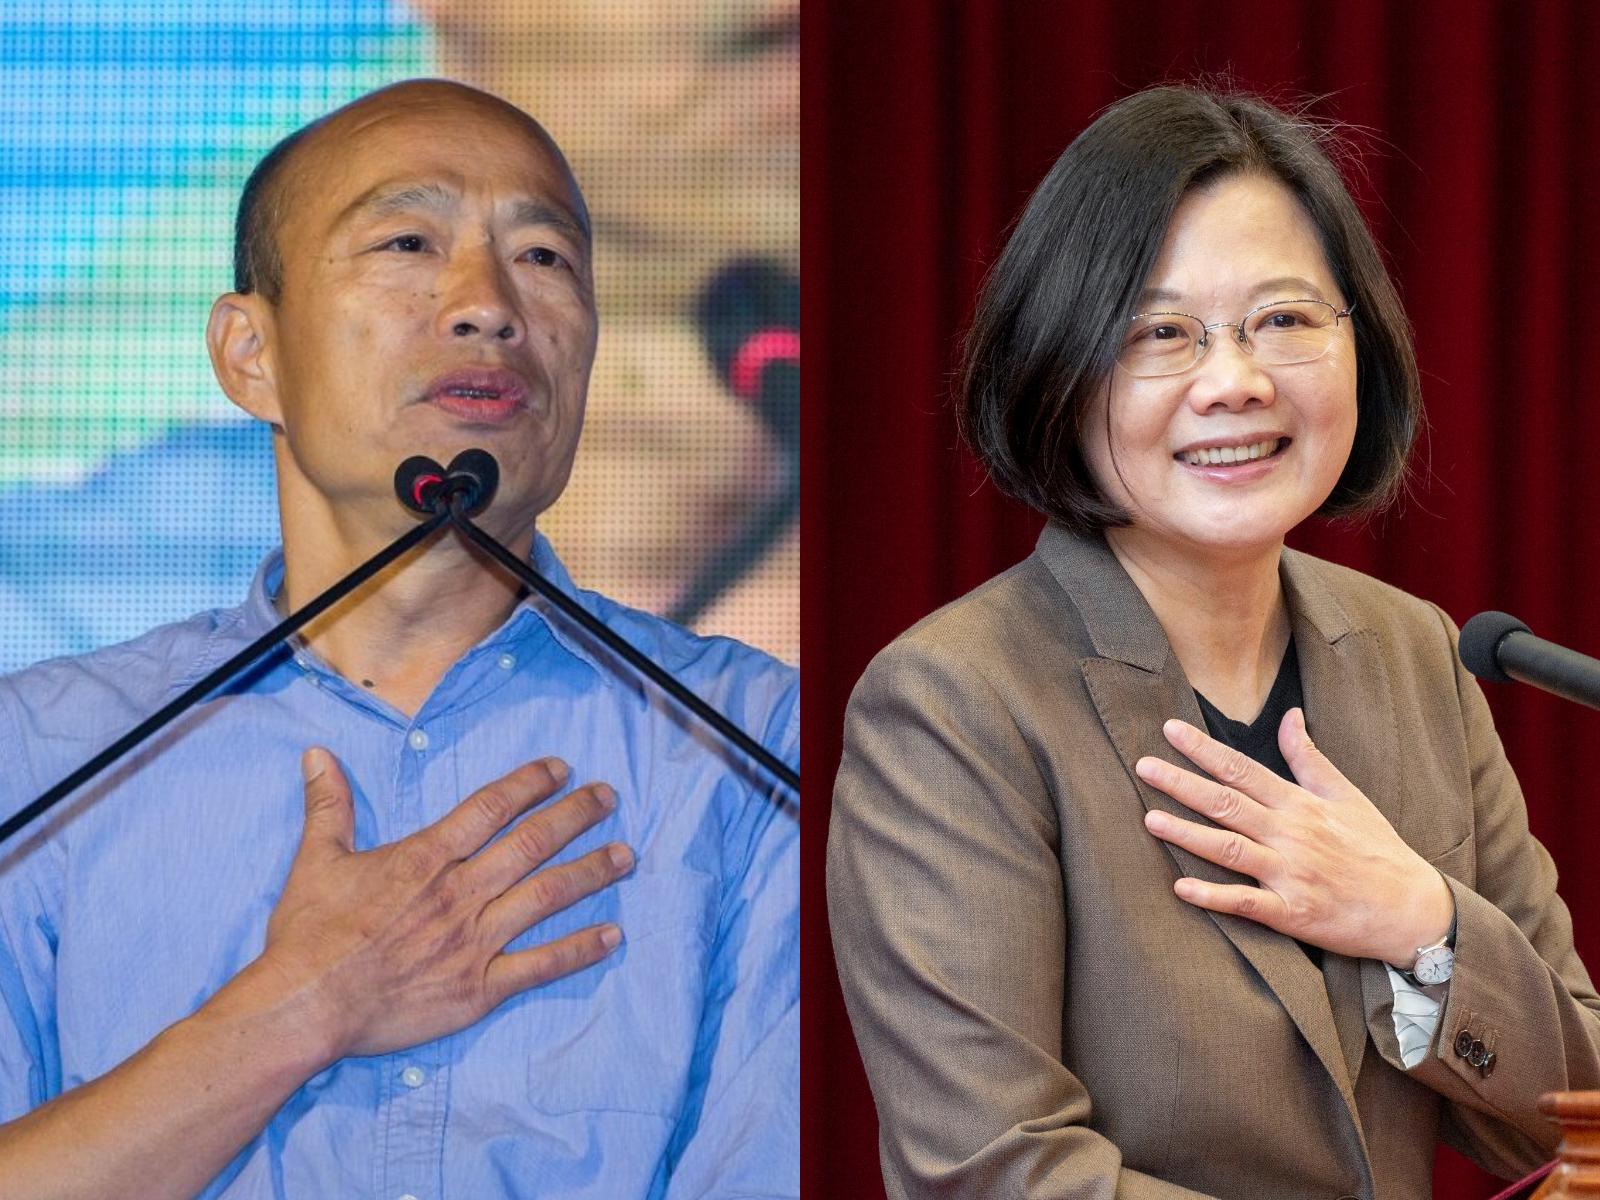 若韓國瑜在總統大選中勝出?美國學者分析:北京可能有2種舉動